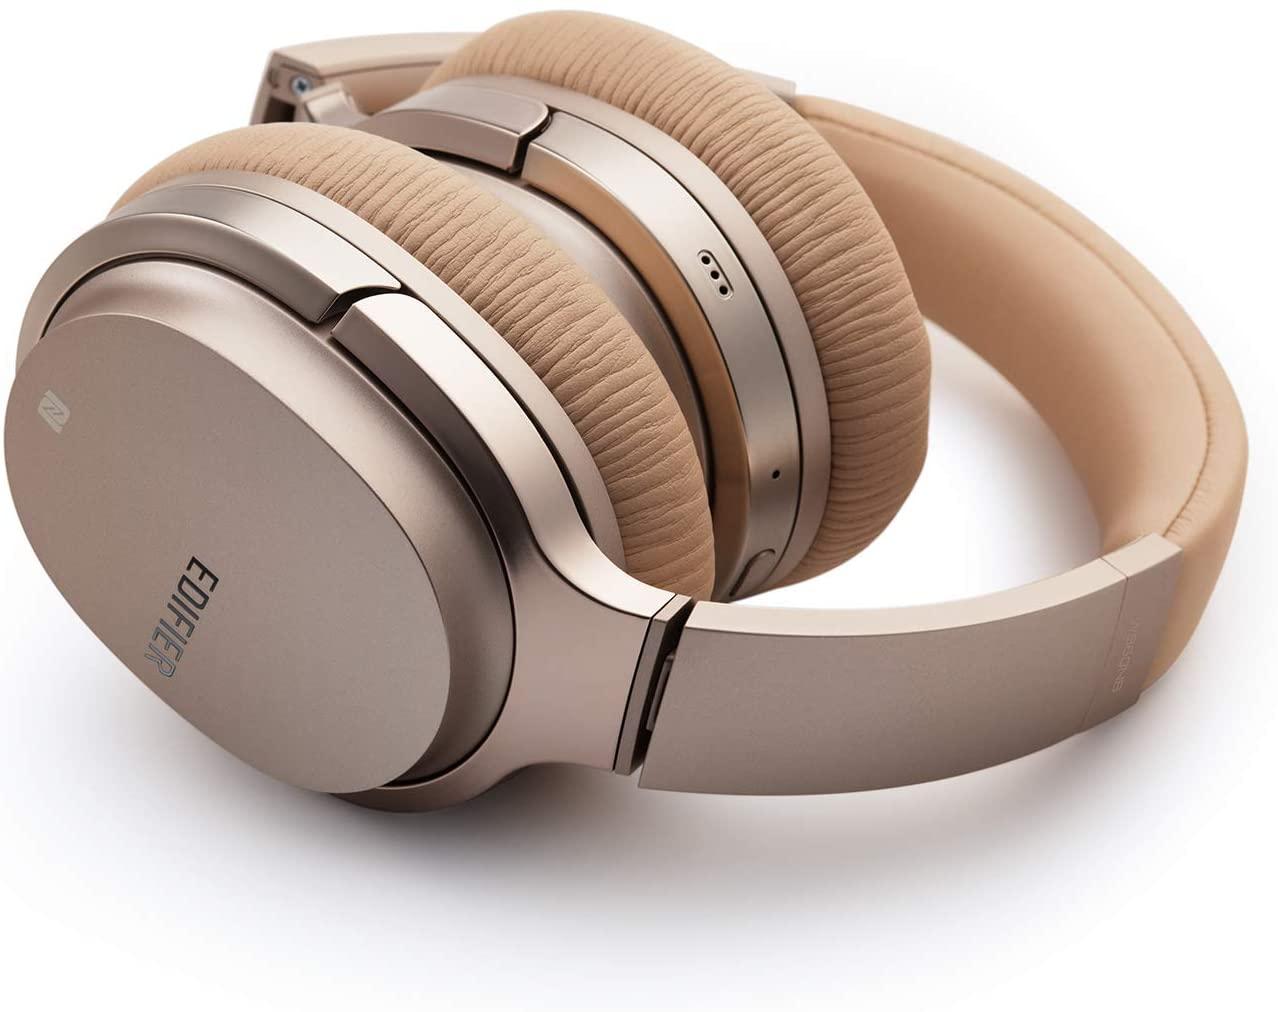 Headphone Edifier W860NB (active noise cancellation) afgeprijsd naar 80eur. -20%.